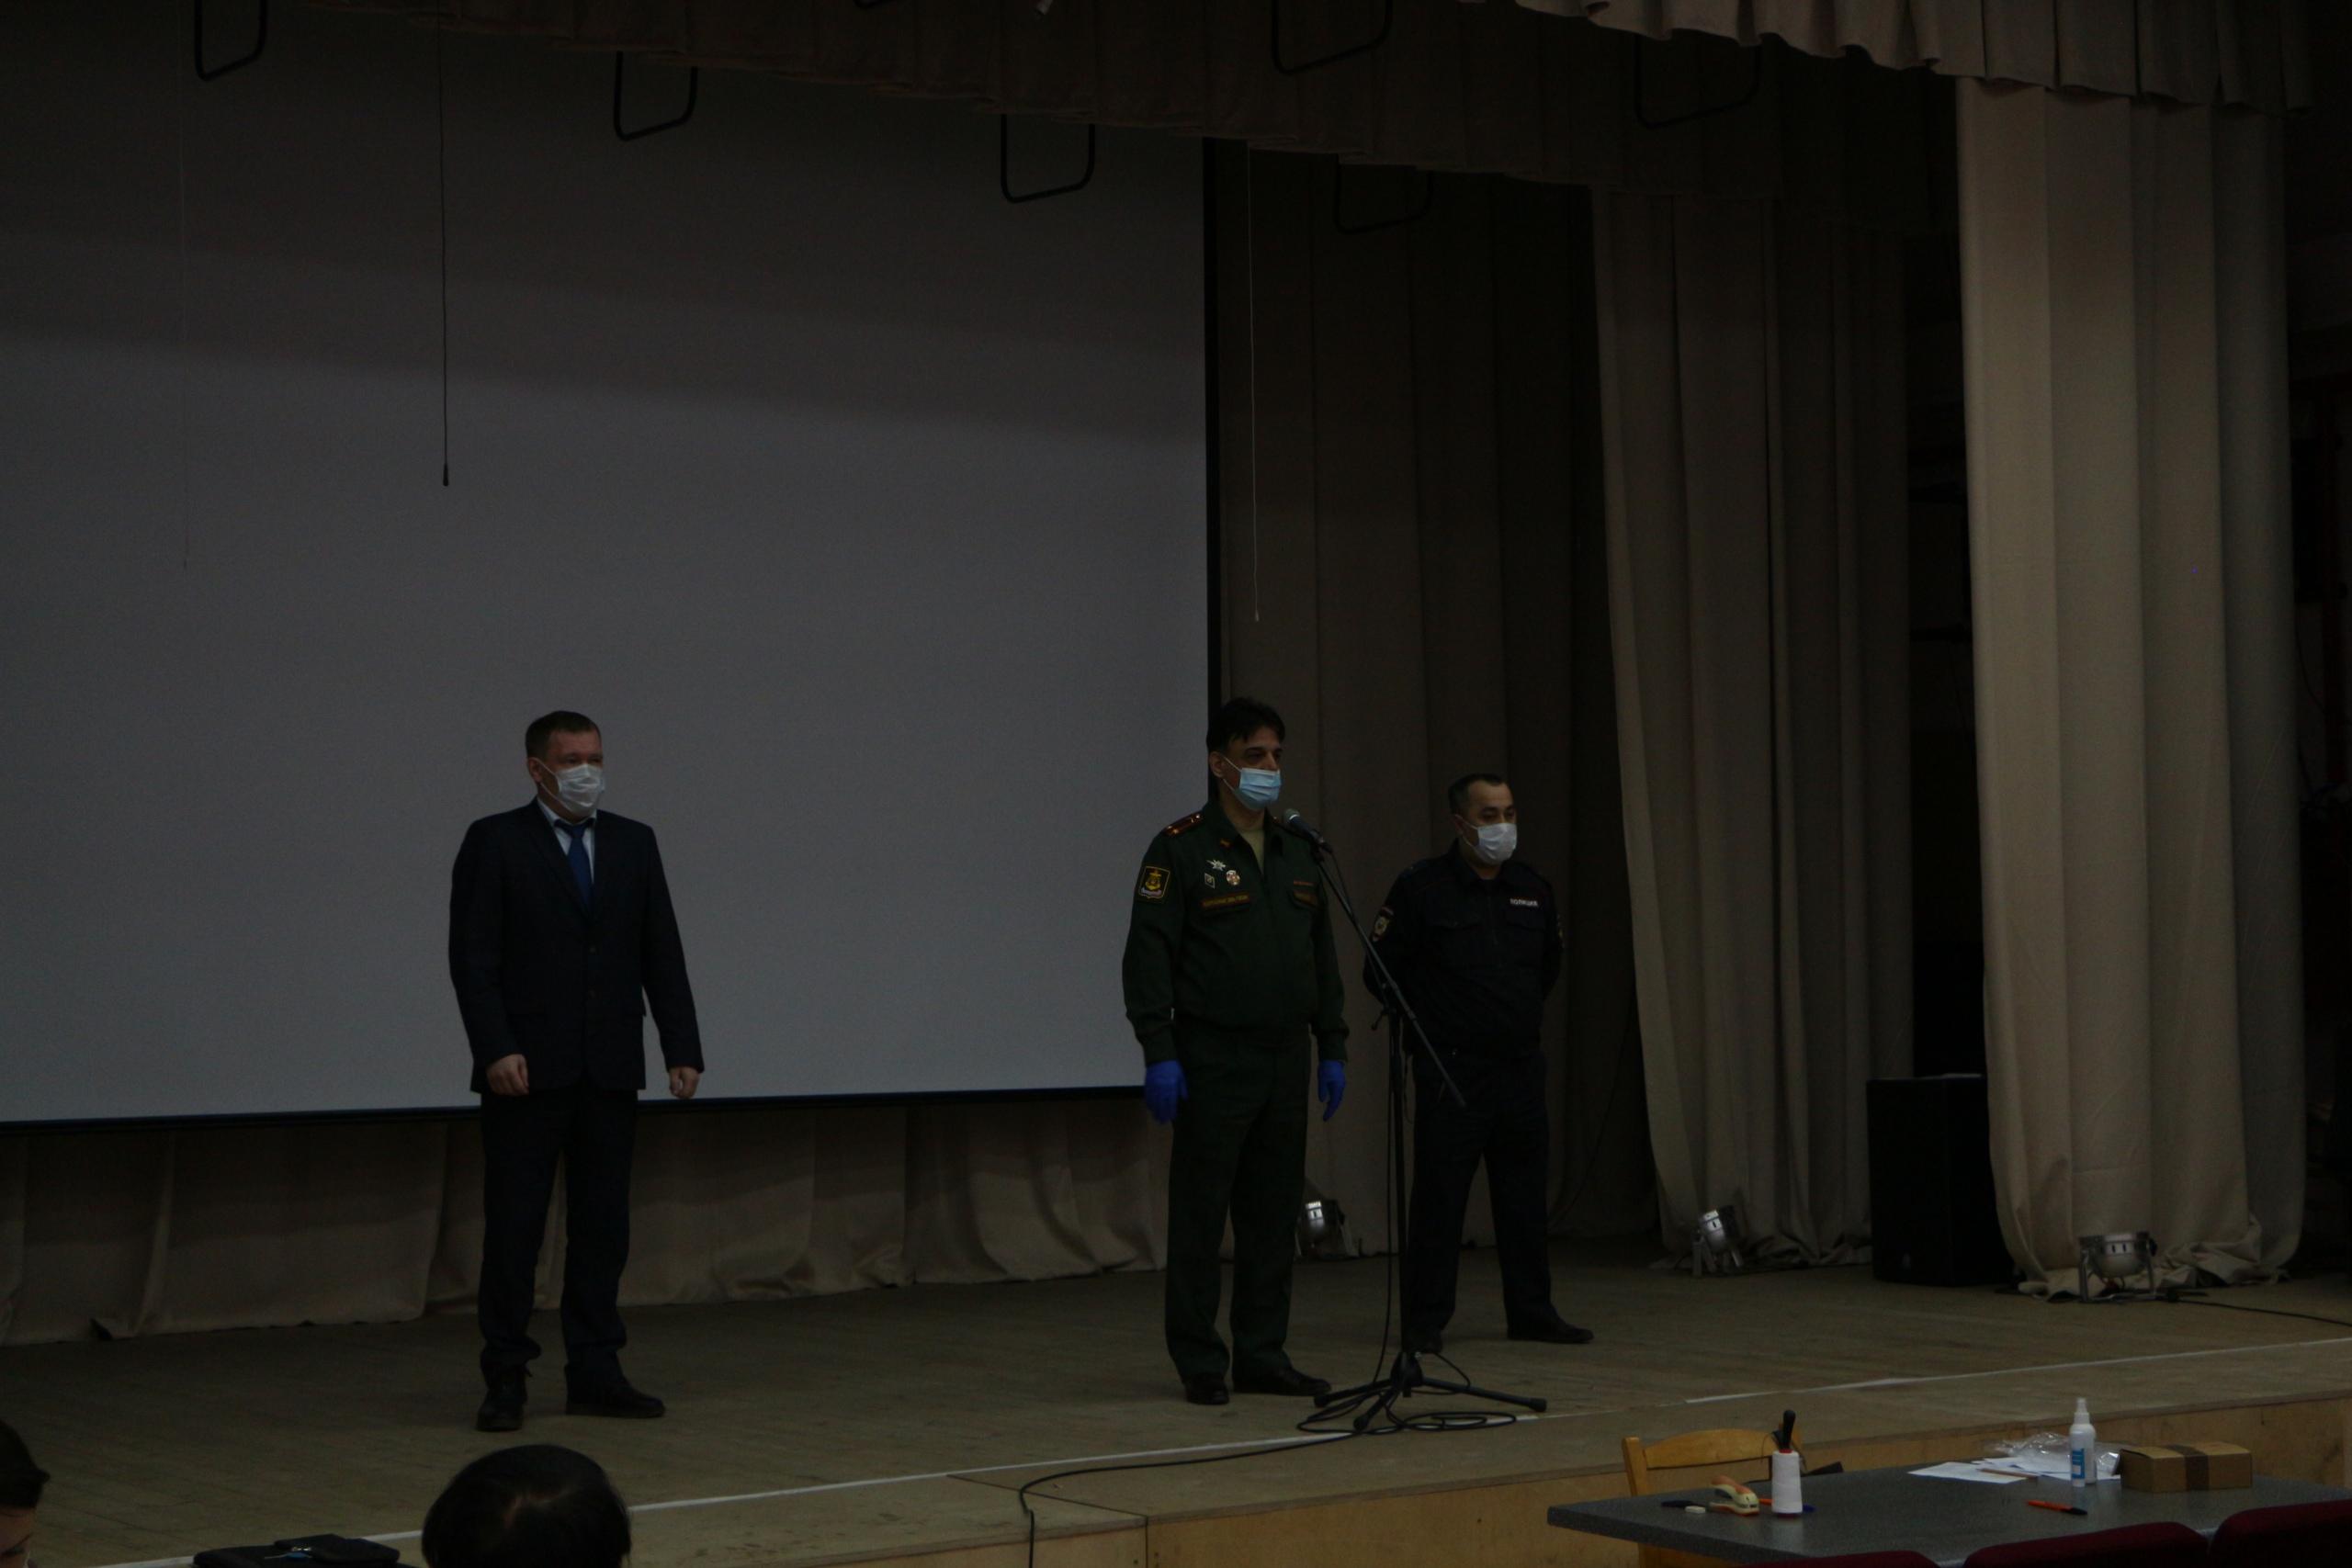 Молодые Удорцы готовятся отправиться на службу в армию